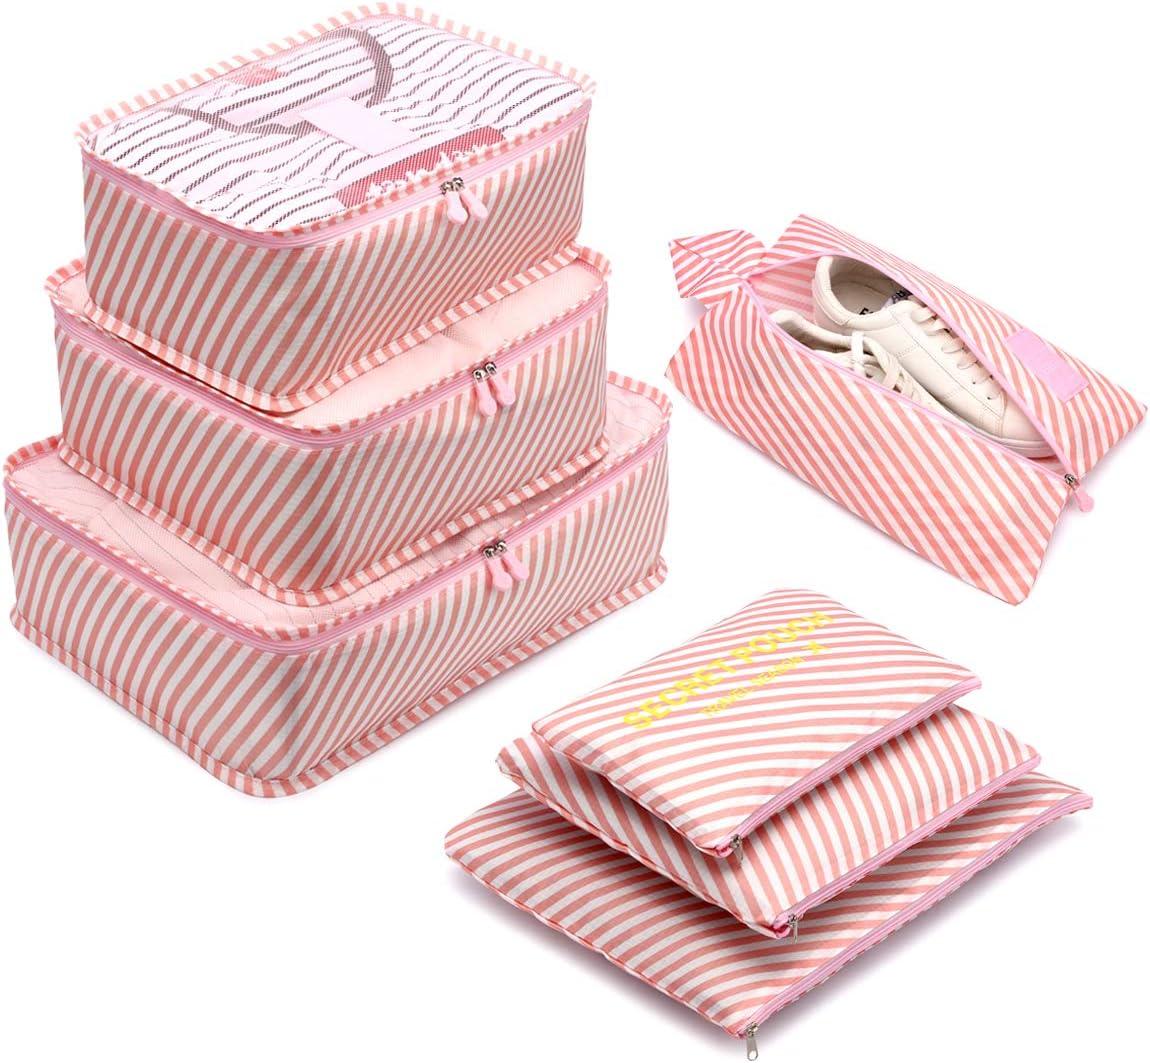 Organizador de Equipaje,LOSMILE 7 en 1 Set Impermeable Organizadores de Viaje para Maletas,3 Cubos de Embalaje +3 Bolsas de Almacenamiento+1 Saco de Zapatos.(Rosa-Raya)